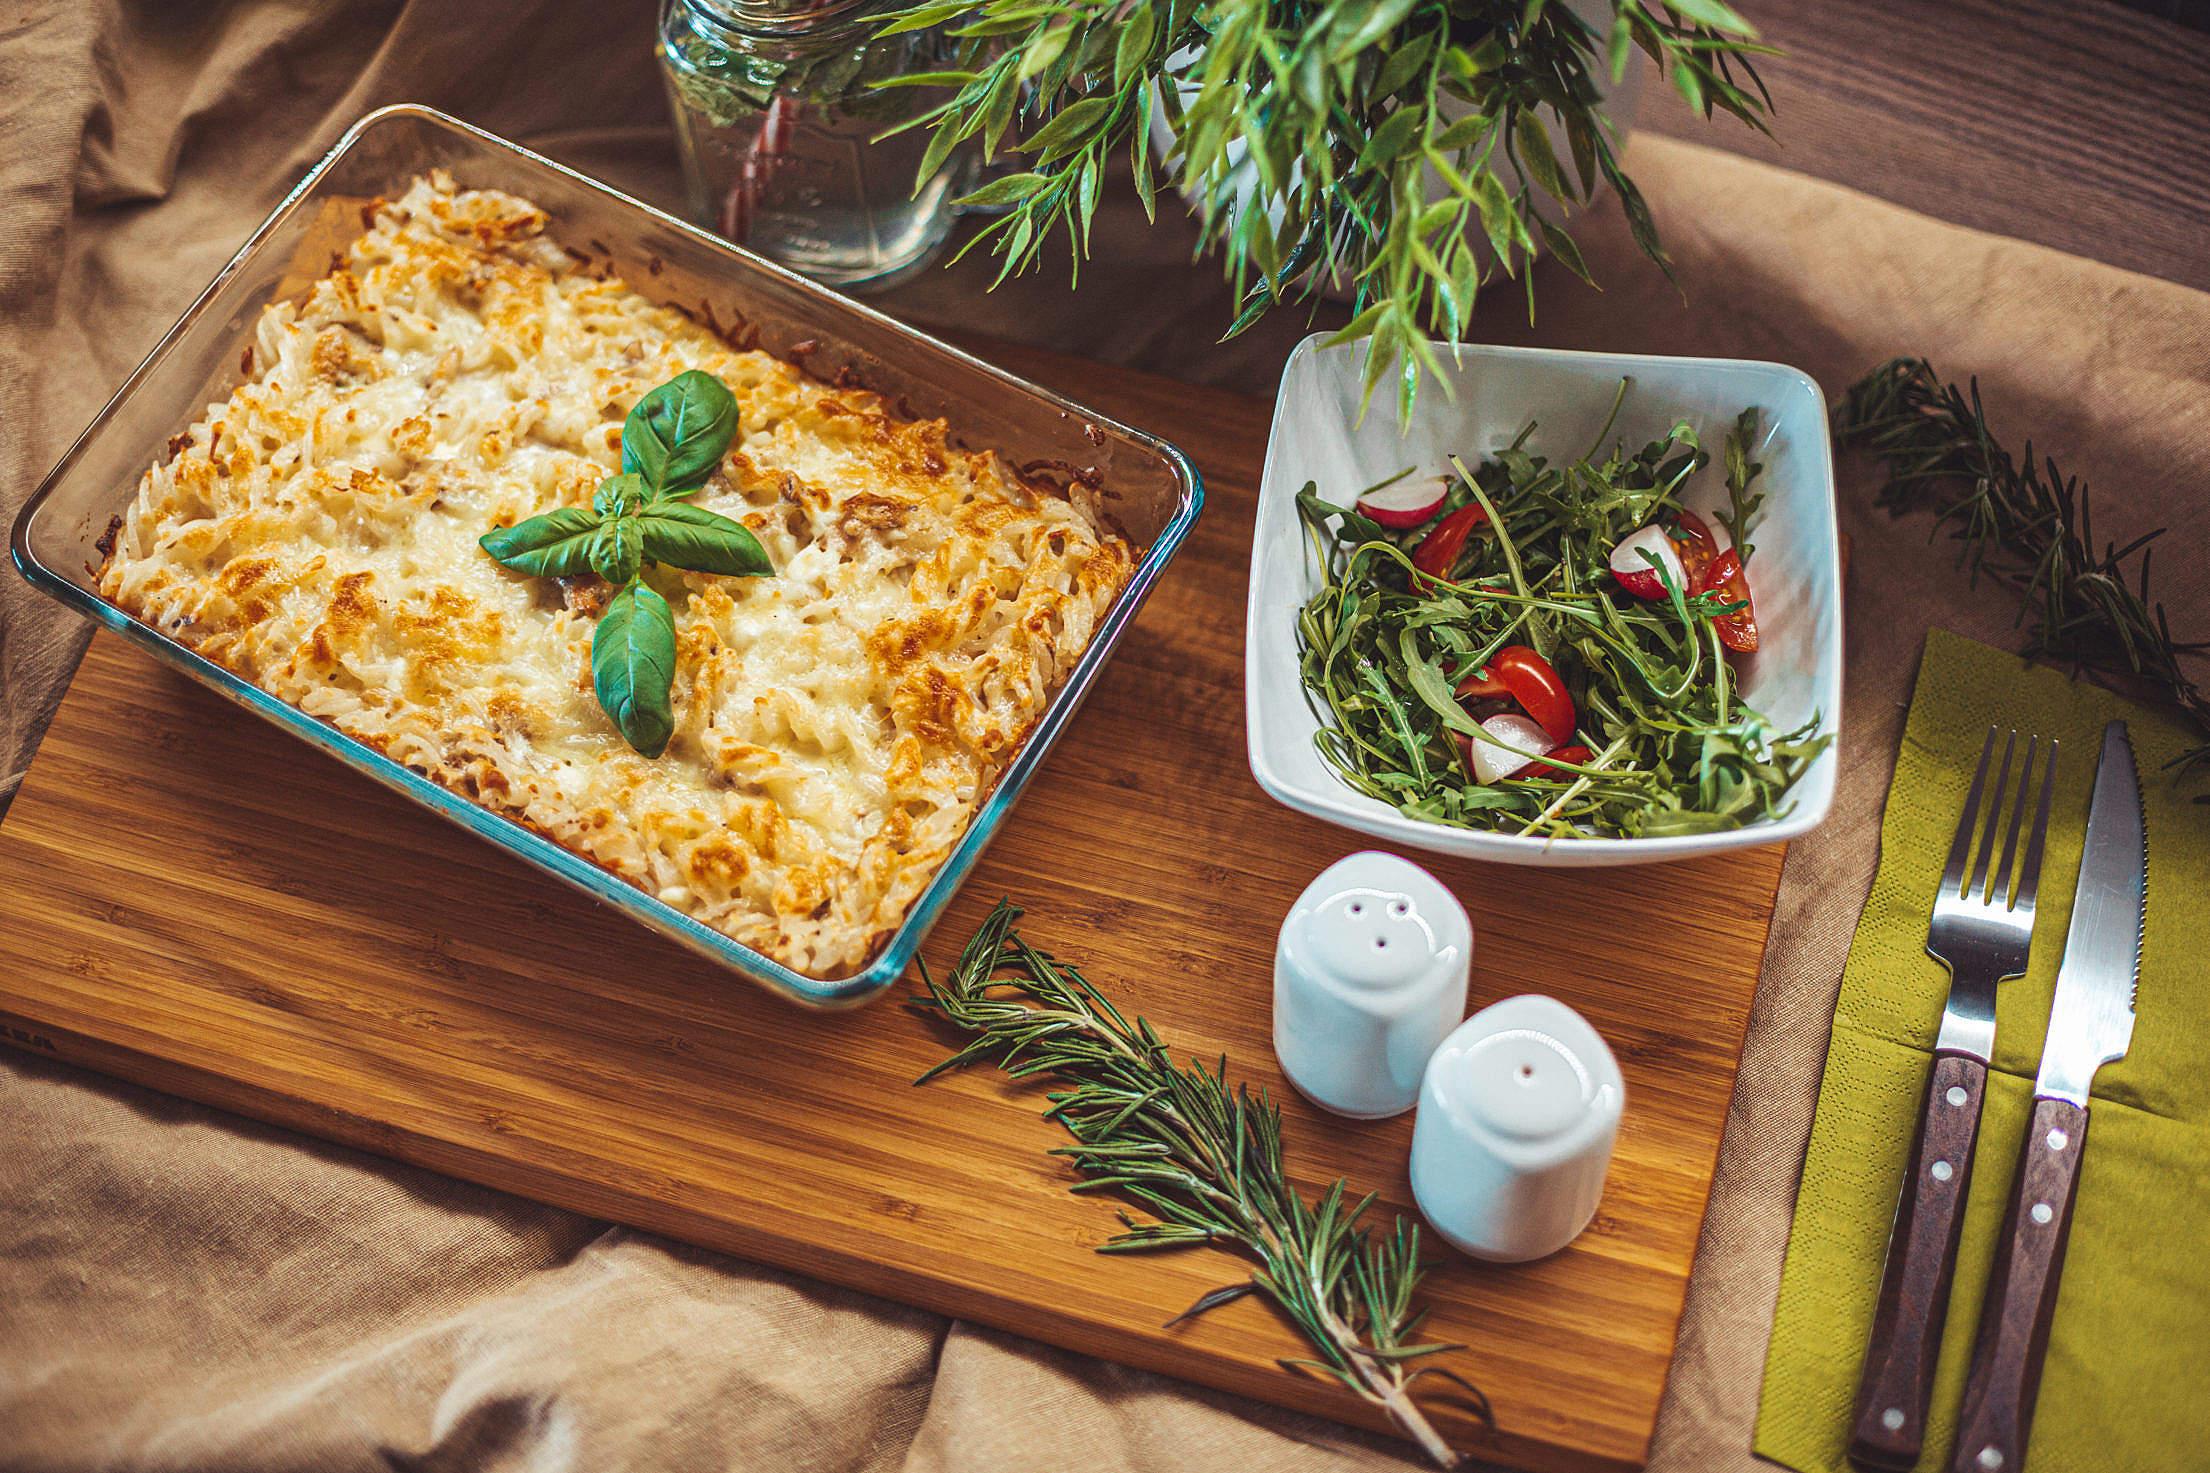 Light and Healthy Tuna Pasta Bake Free Stock Photo